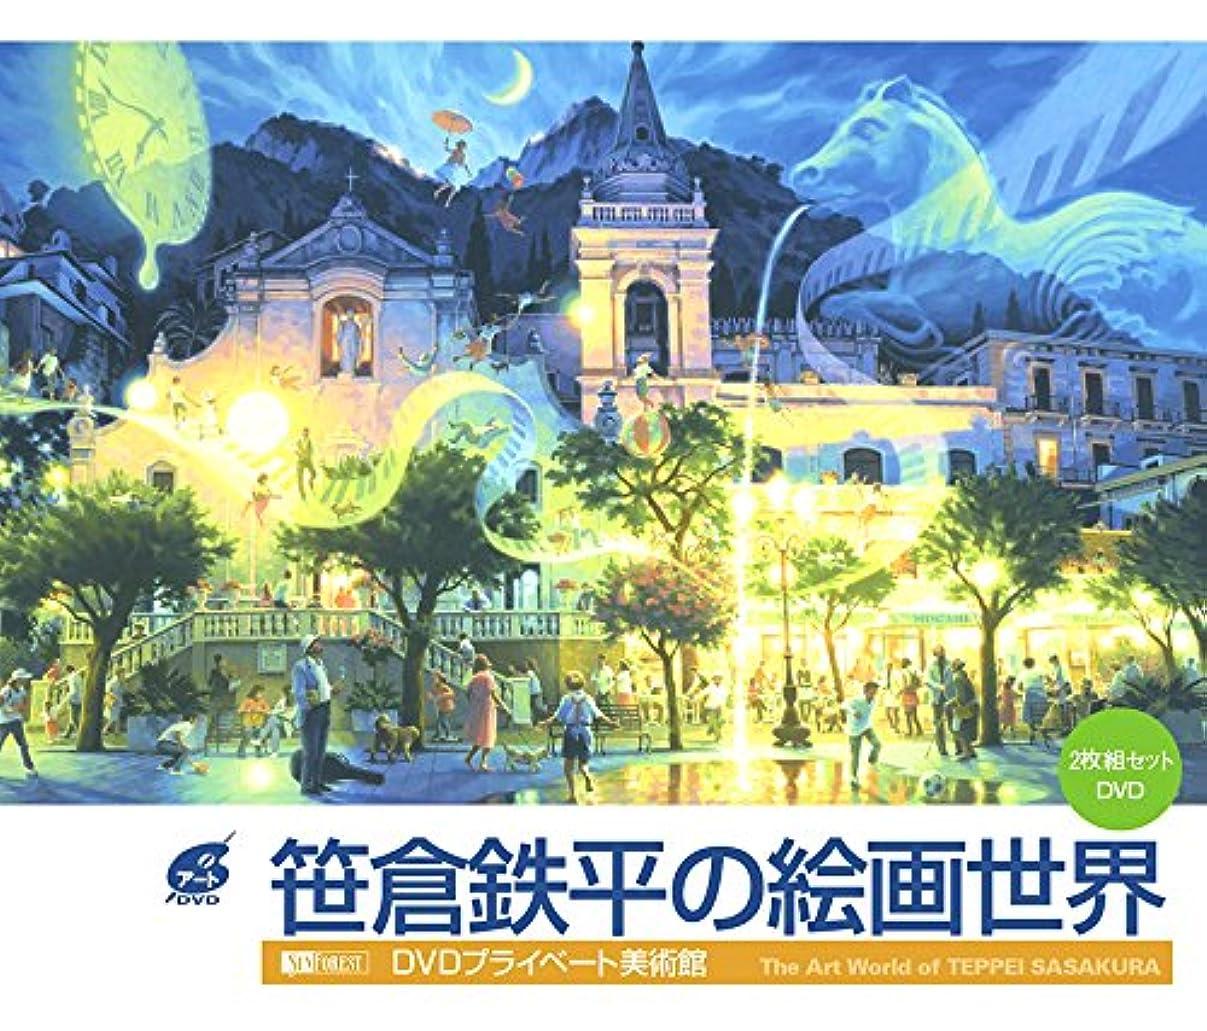 入るインテリア成功する笹倉鉄平の絵画世界/2枚組セットDVD DVDプライベート美術館 The Art World of TEPPEI SASAKURA